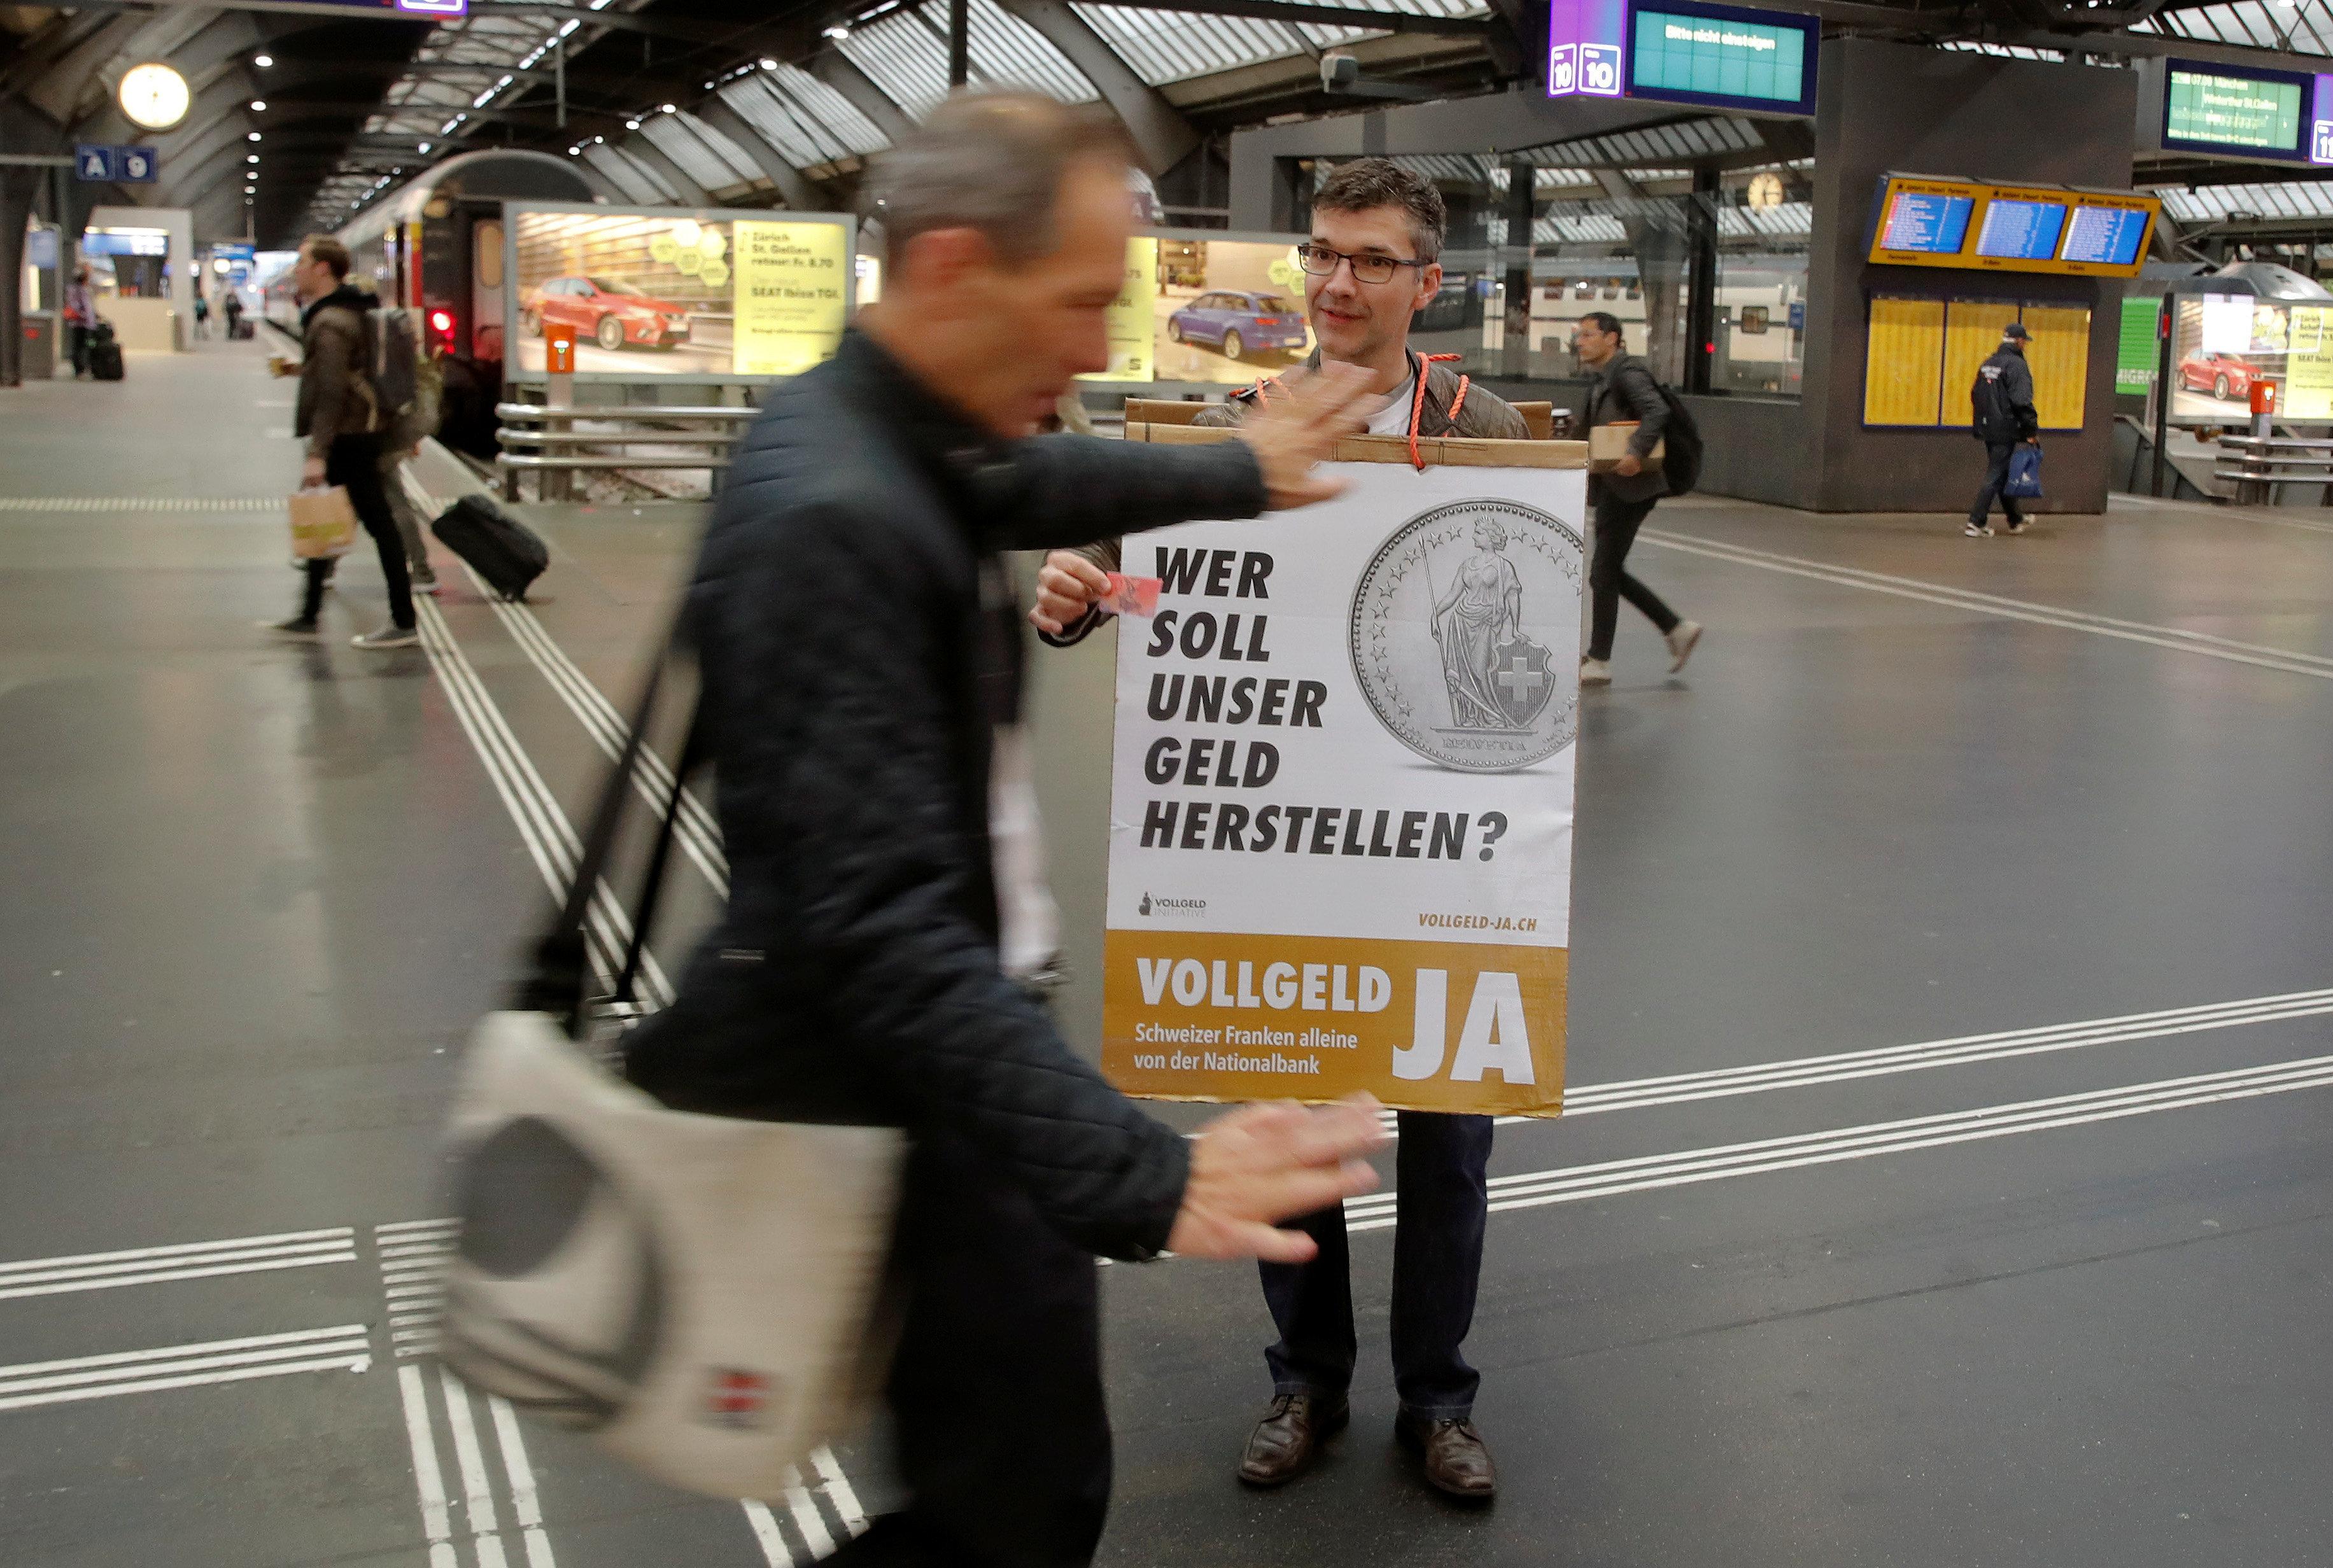 Zu viel Sicherheit macht unsicher: Schweizer stimmen gegen